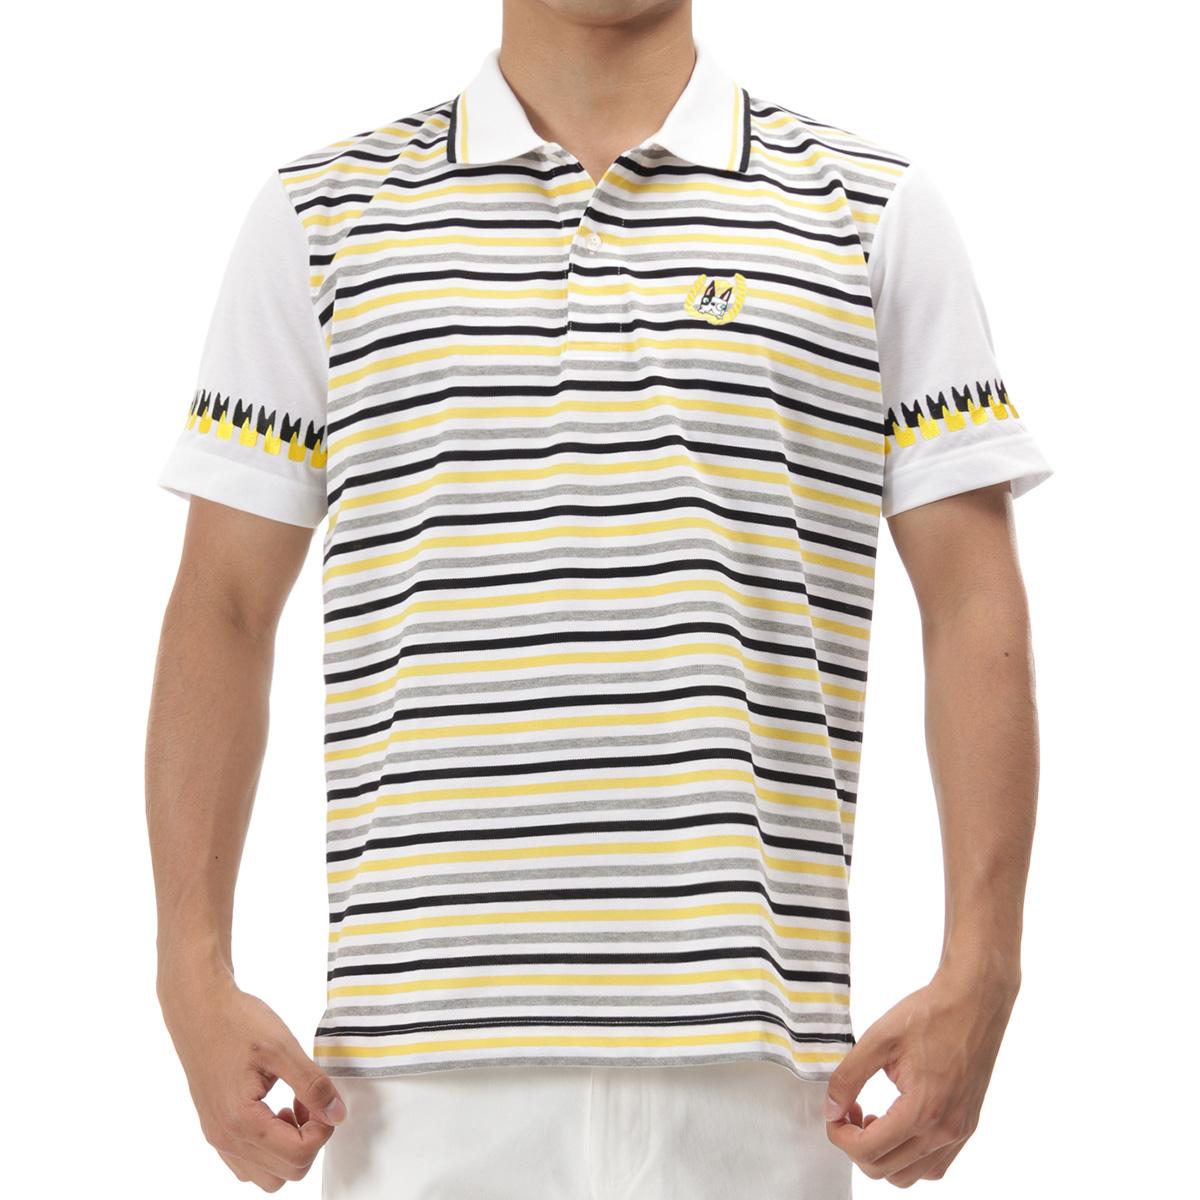 マリンボーダー半袖ポロシャツ